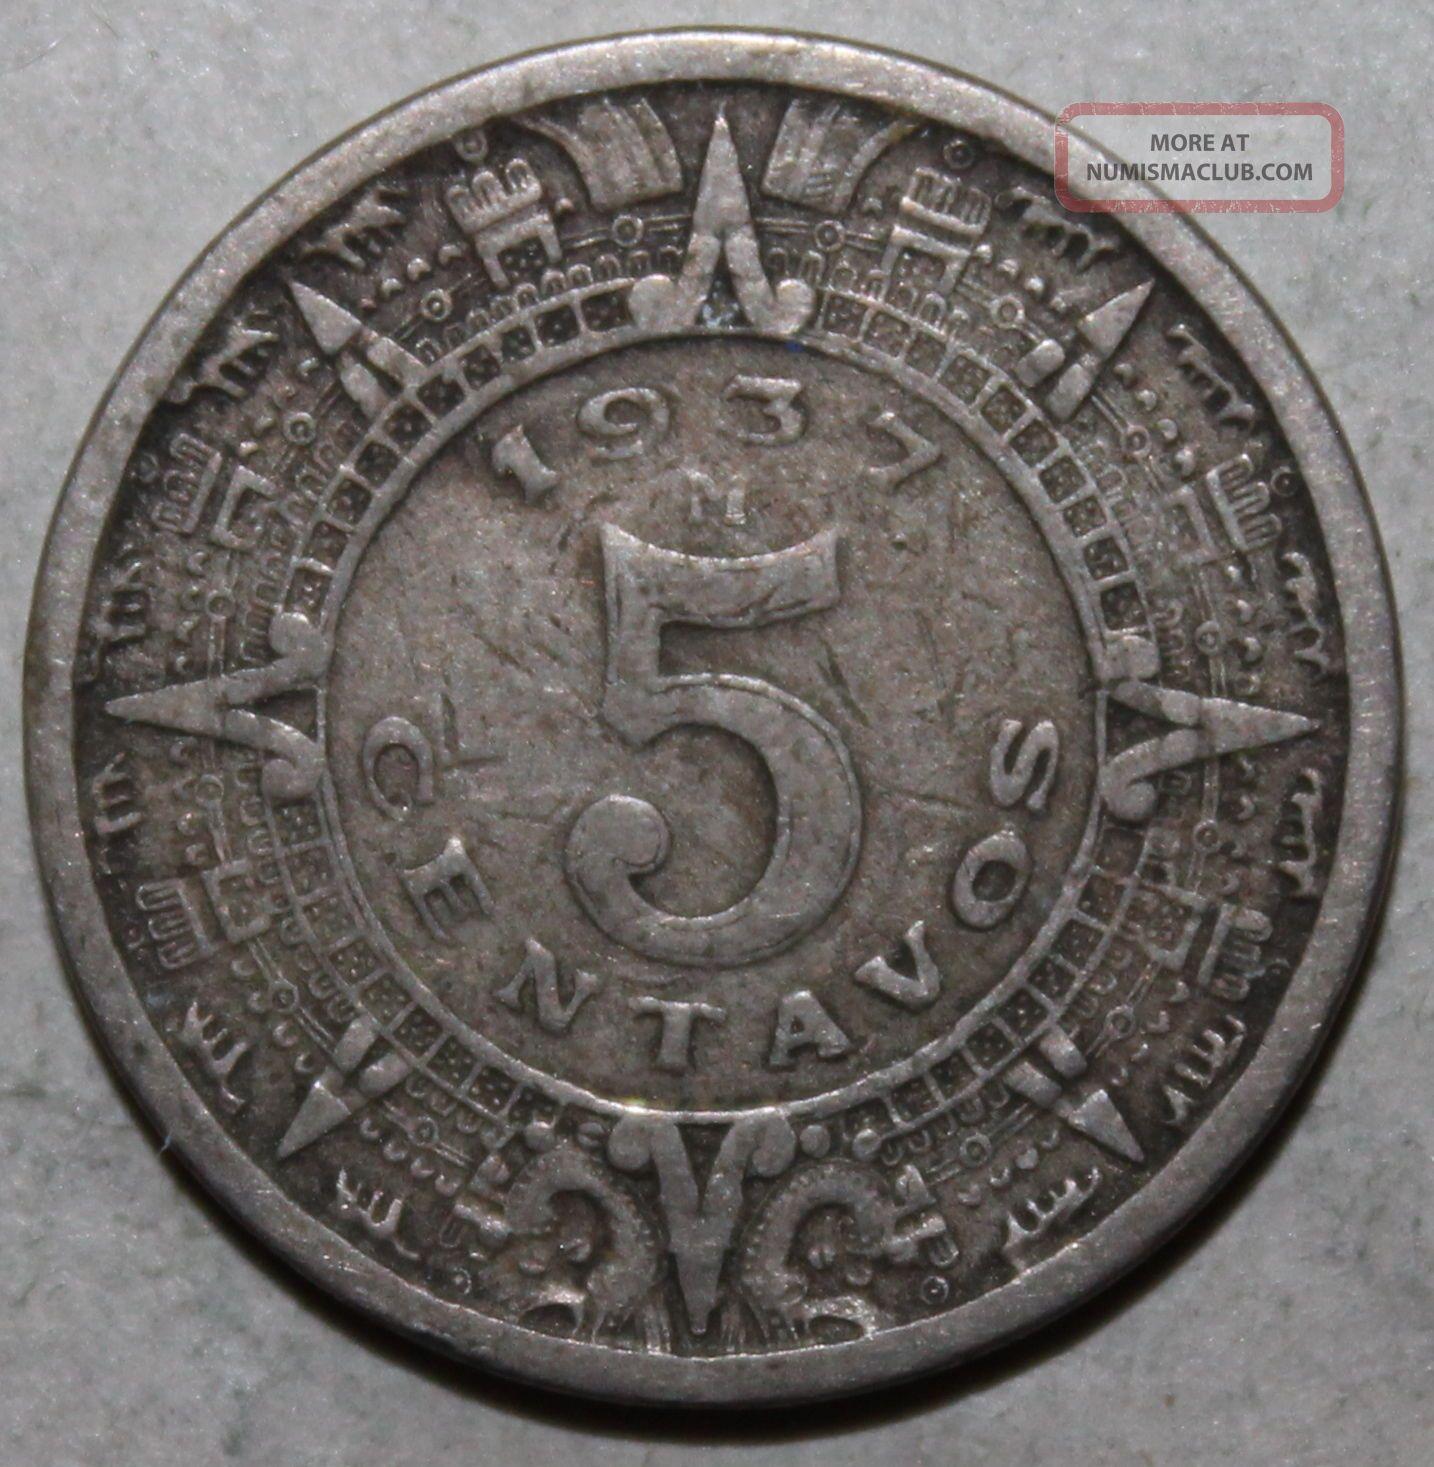 Mexican 5 Centavos Coin,  1937 M - Km 423 - Mexico - Five - Aztec Calendar Mexico photo